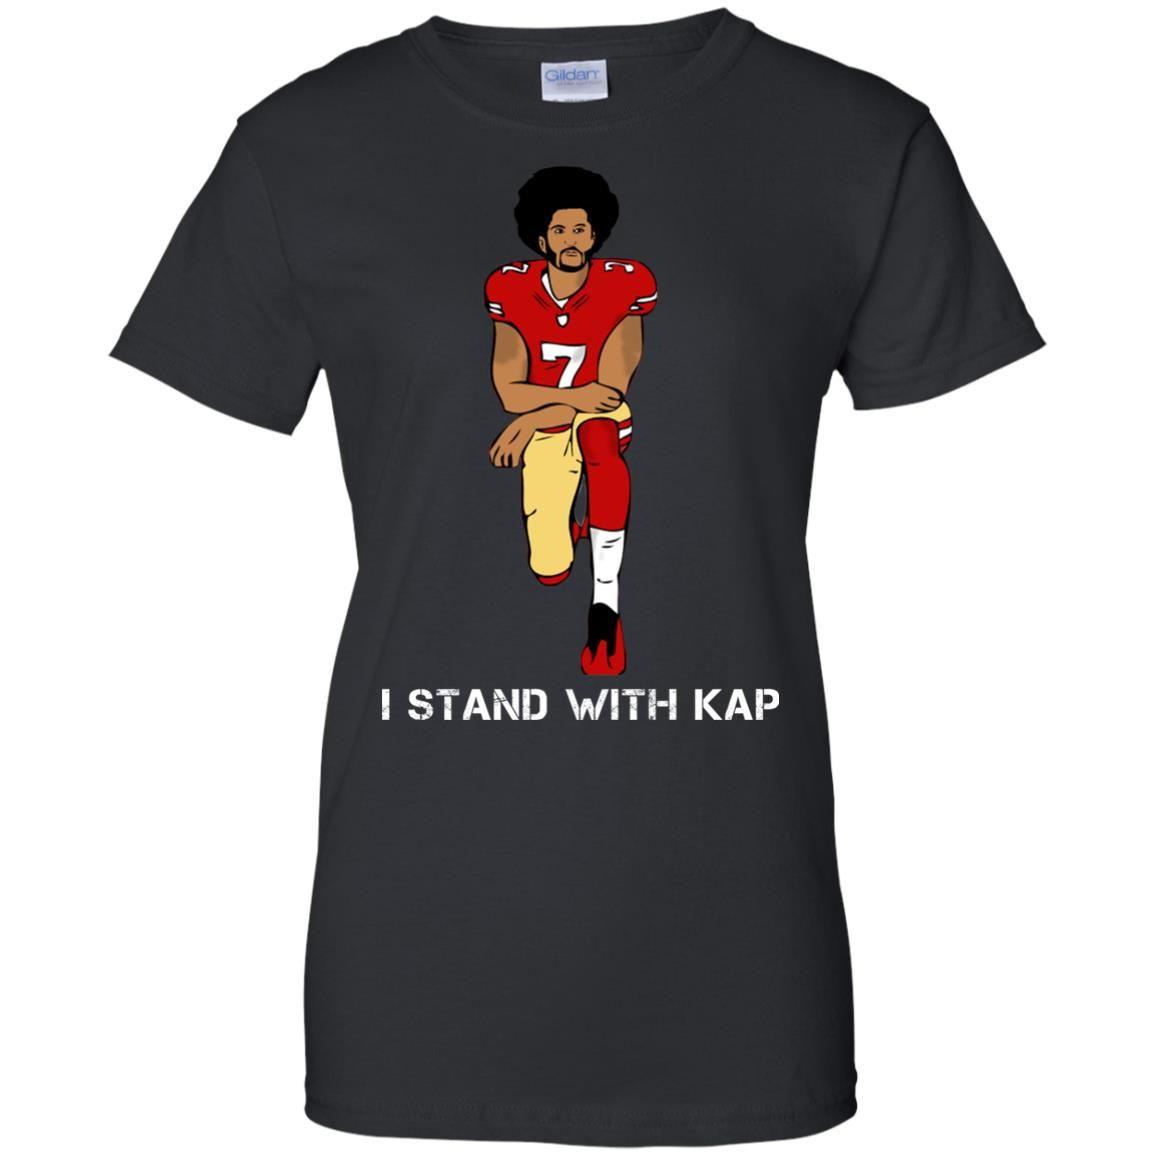 image 1942 - I stand with Kap shirt, hoodie